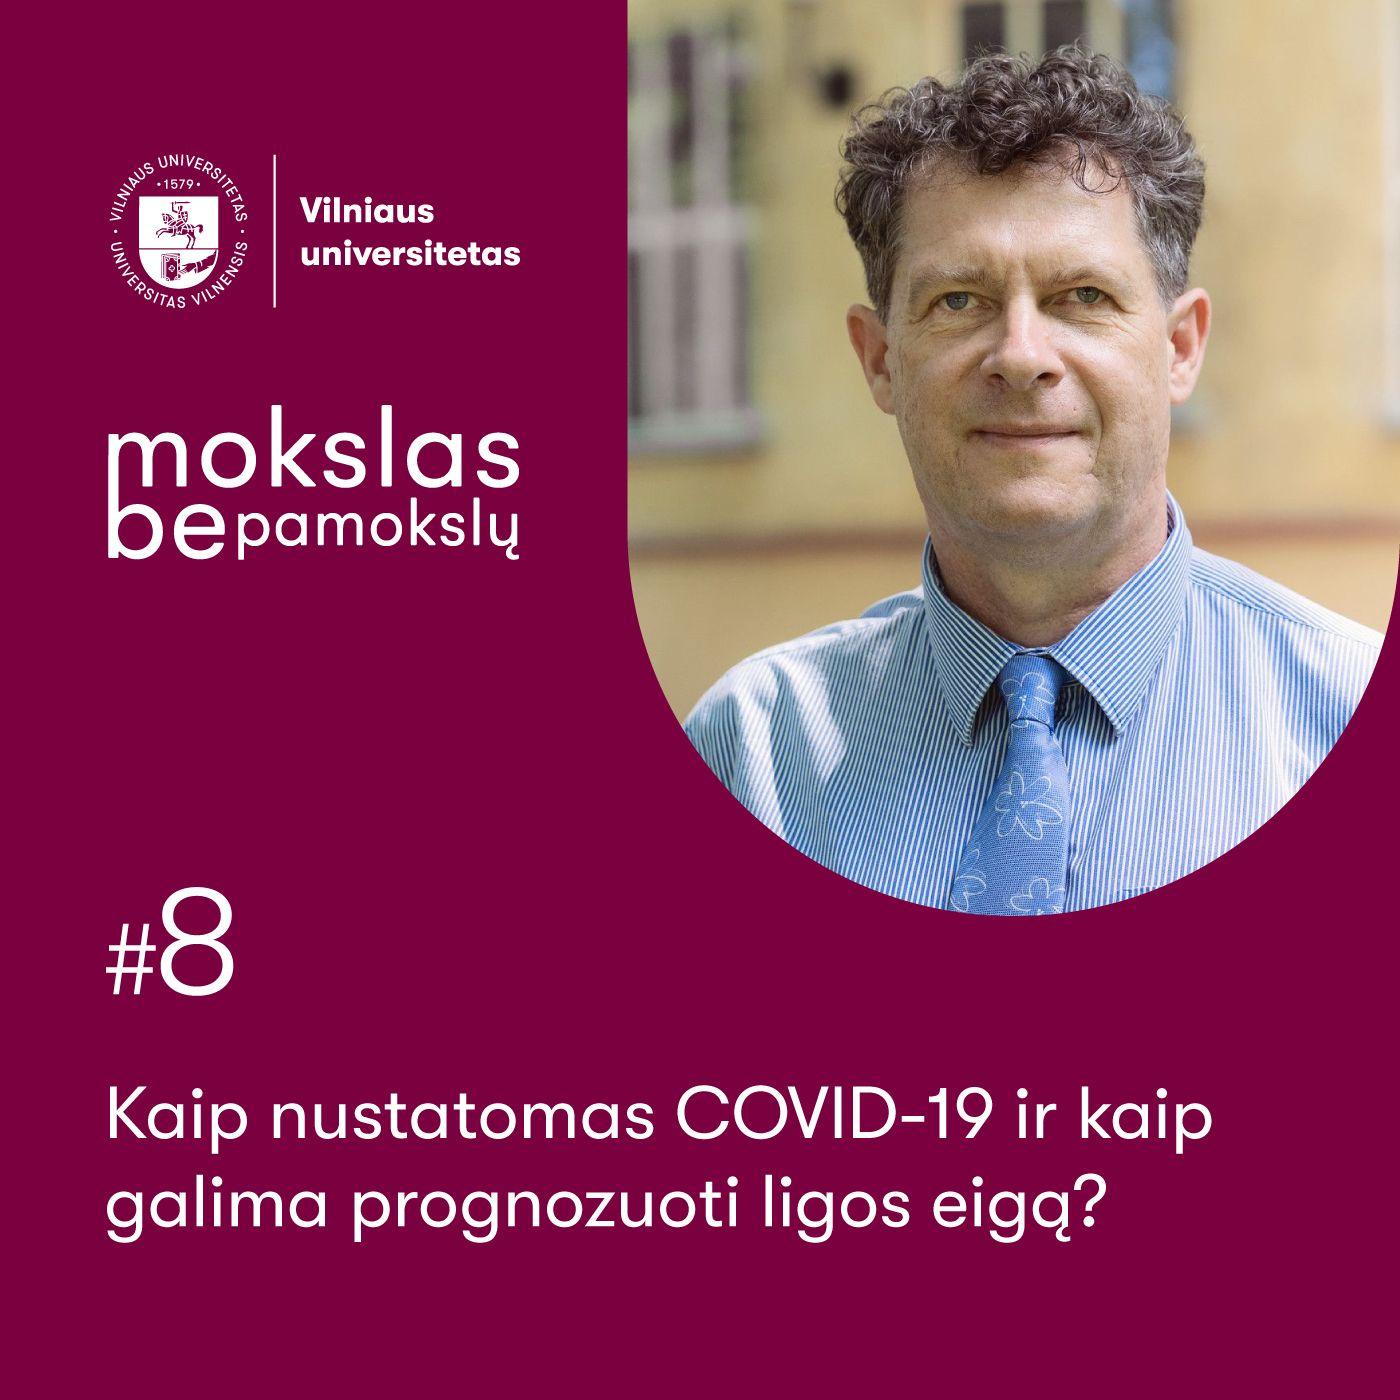 Mokslas be pamokslų. Kaip nustatomas COVID-19 ir kaip galima prognozuoti ligos eigą?